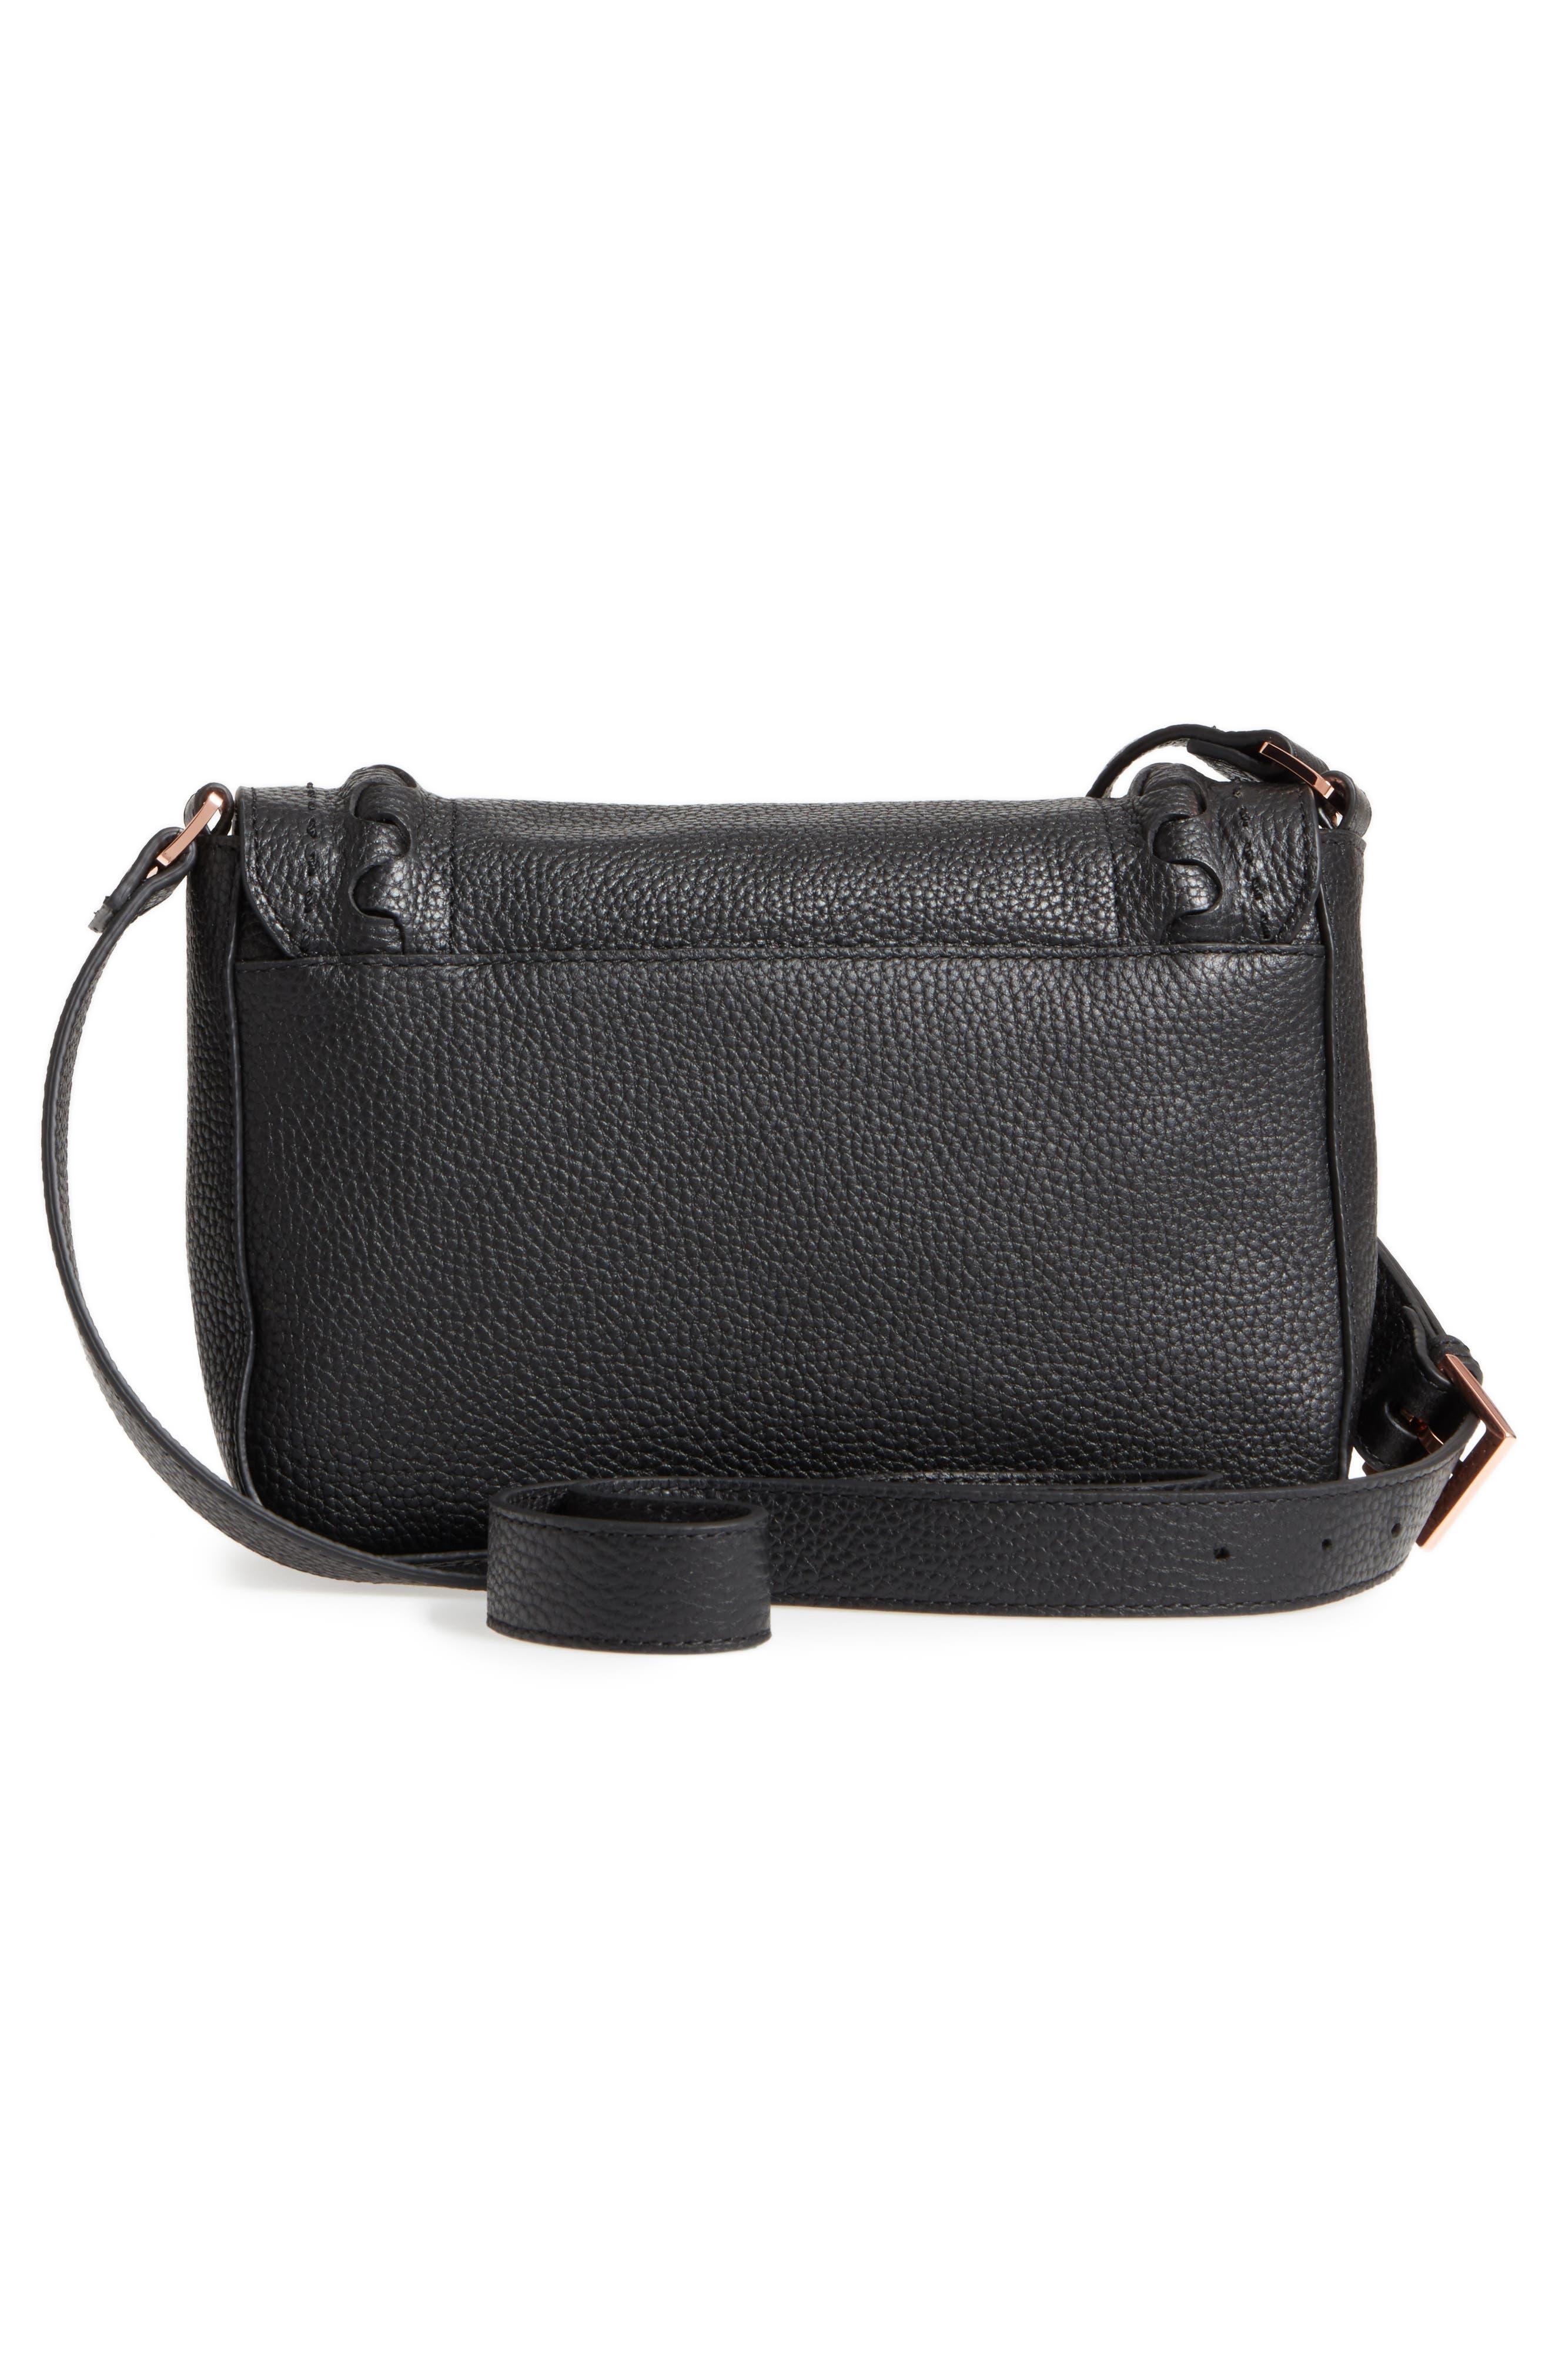 Alternate Image 3  - Ted Baker London Tippi Leather Crossbody Bag